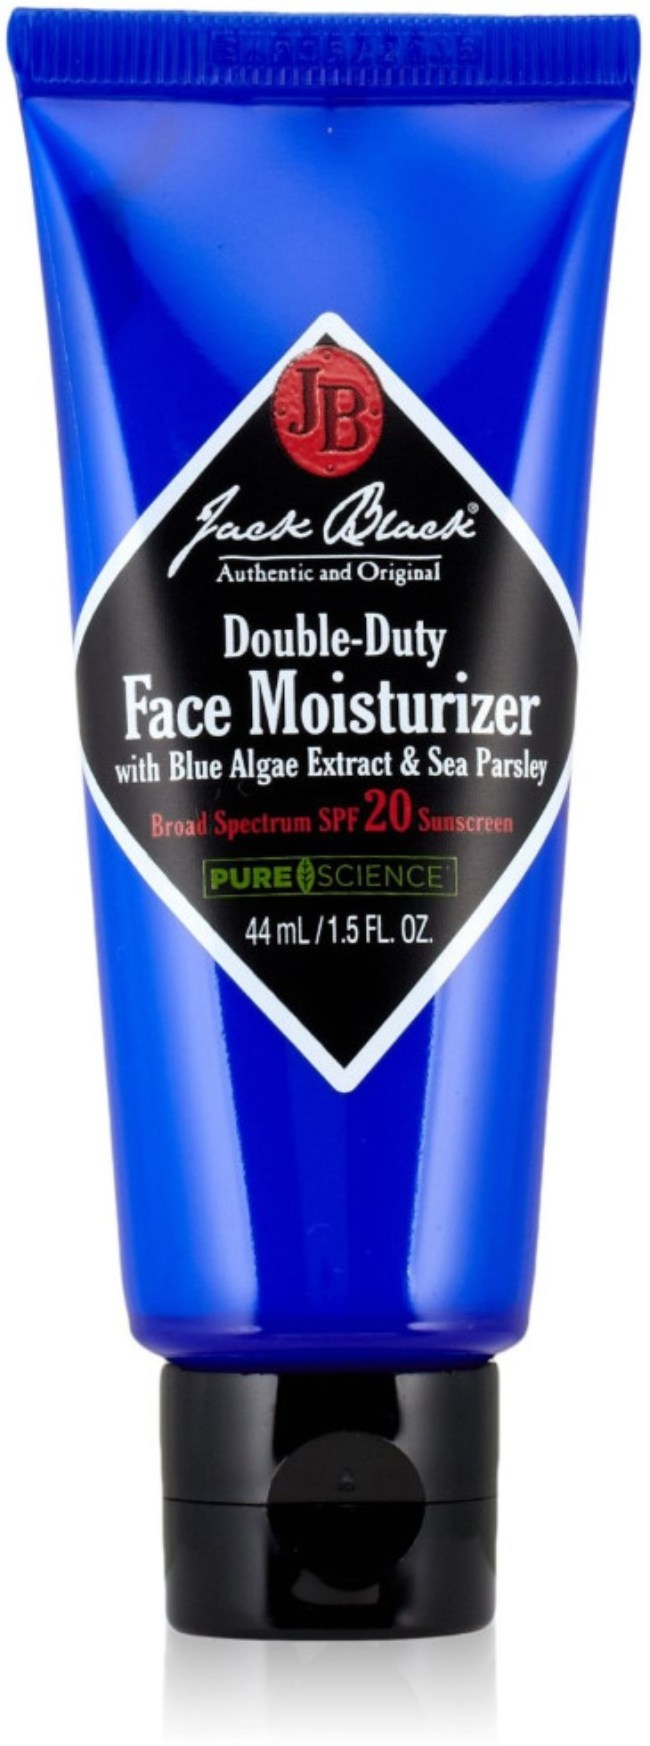 Jack Black Double-Duty Face Moisturizer, SPF 20 1.5 oz